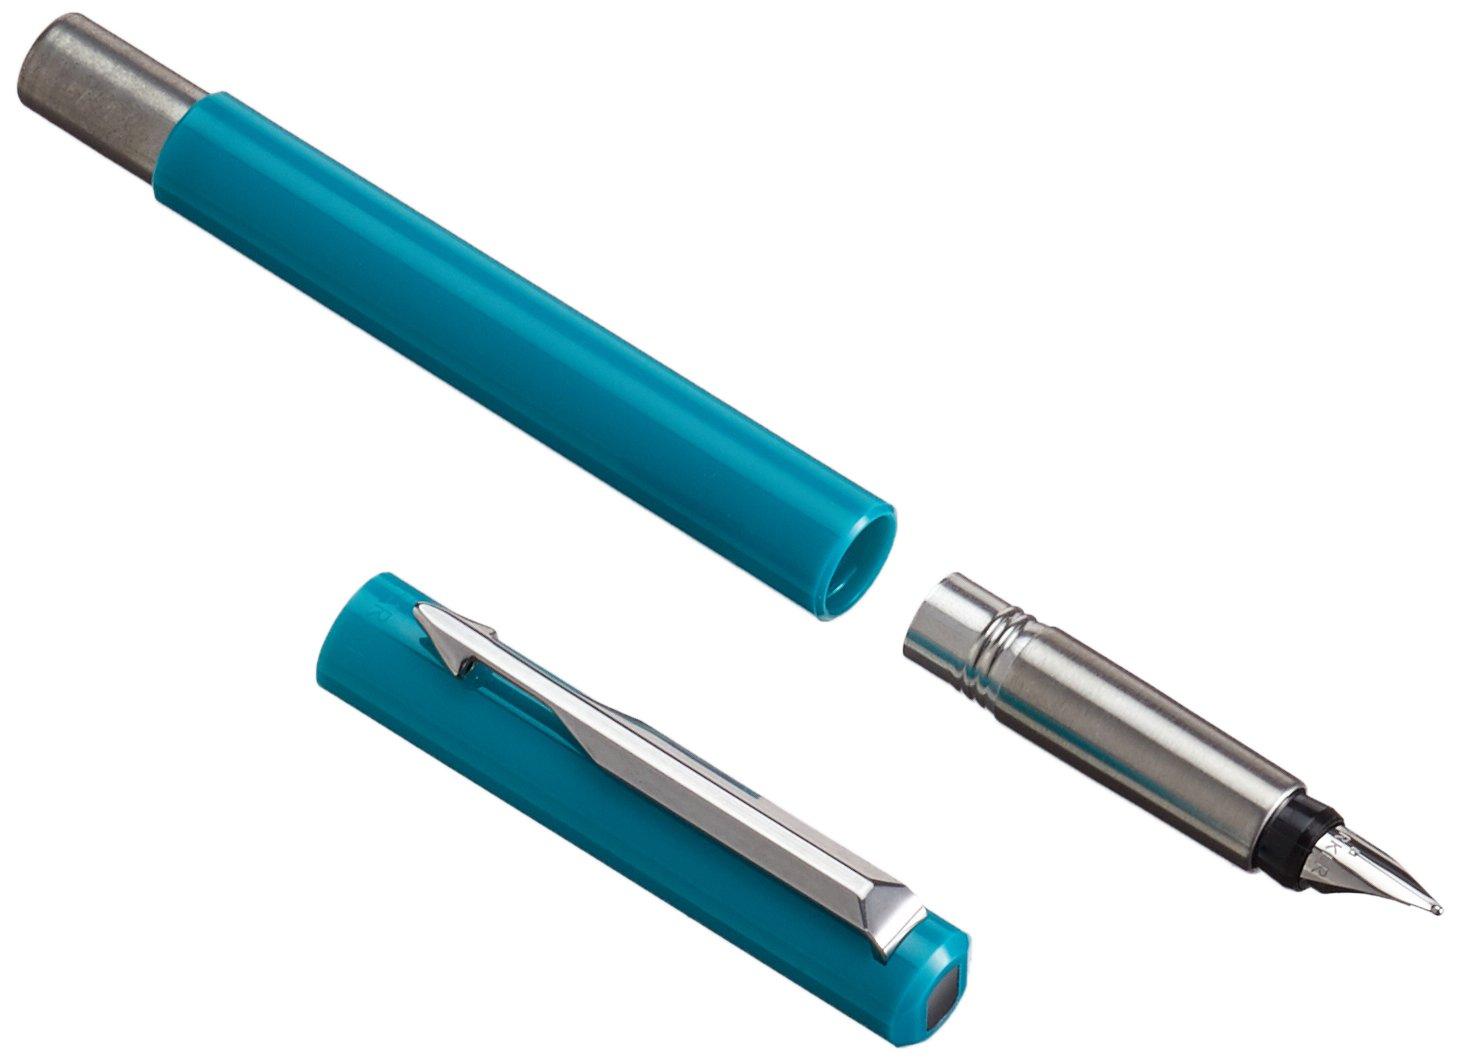 PARKER encre bleue effa/çable 2025895 Pointe Moyenne Coffret Cadeau+ Quink 10 cartouches longues Vector Stylo Plume Encre Bleue /Émeraude avec Attributs Chrom/és